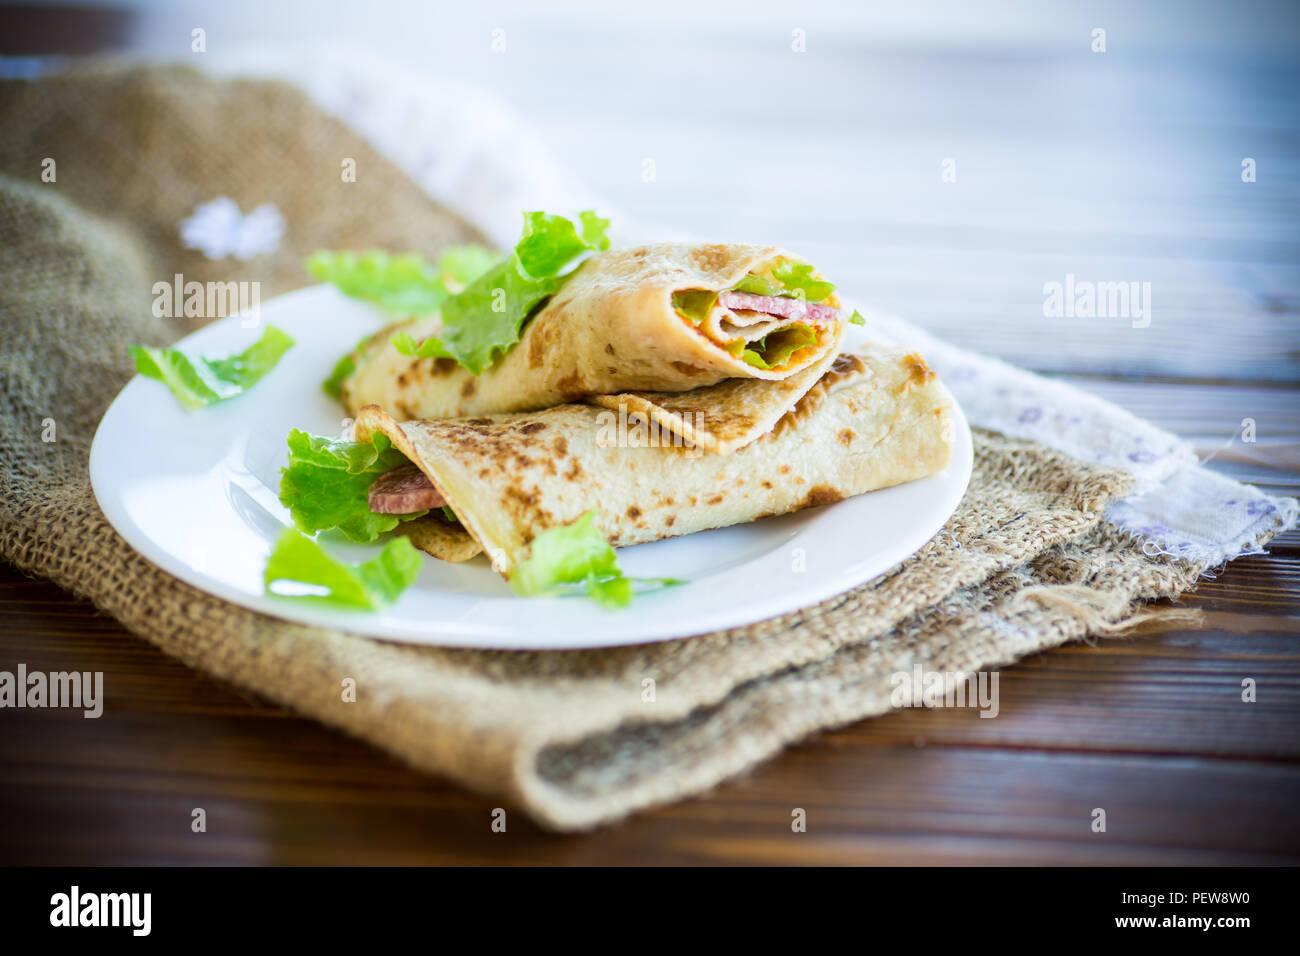 Los pancakes con ensalada de hojas y la panceta en un plato sobre una mesa de madera Imagen De Stock